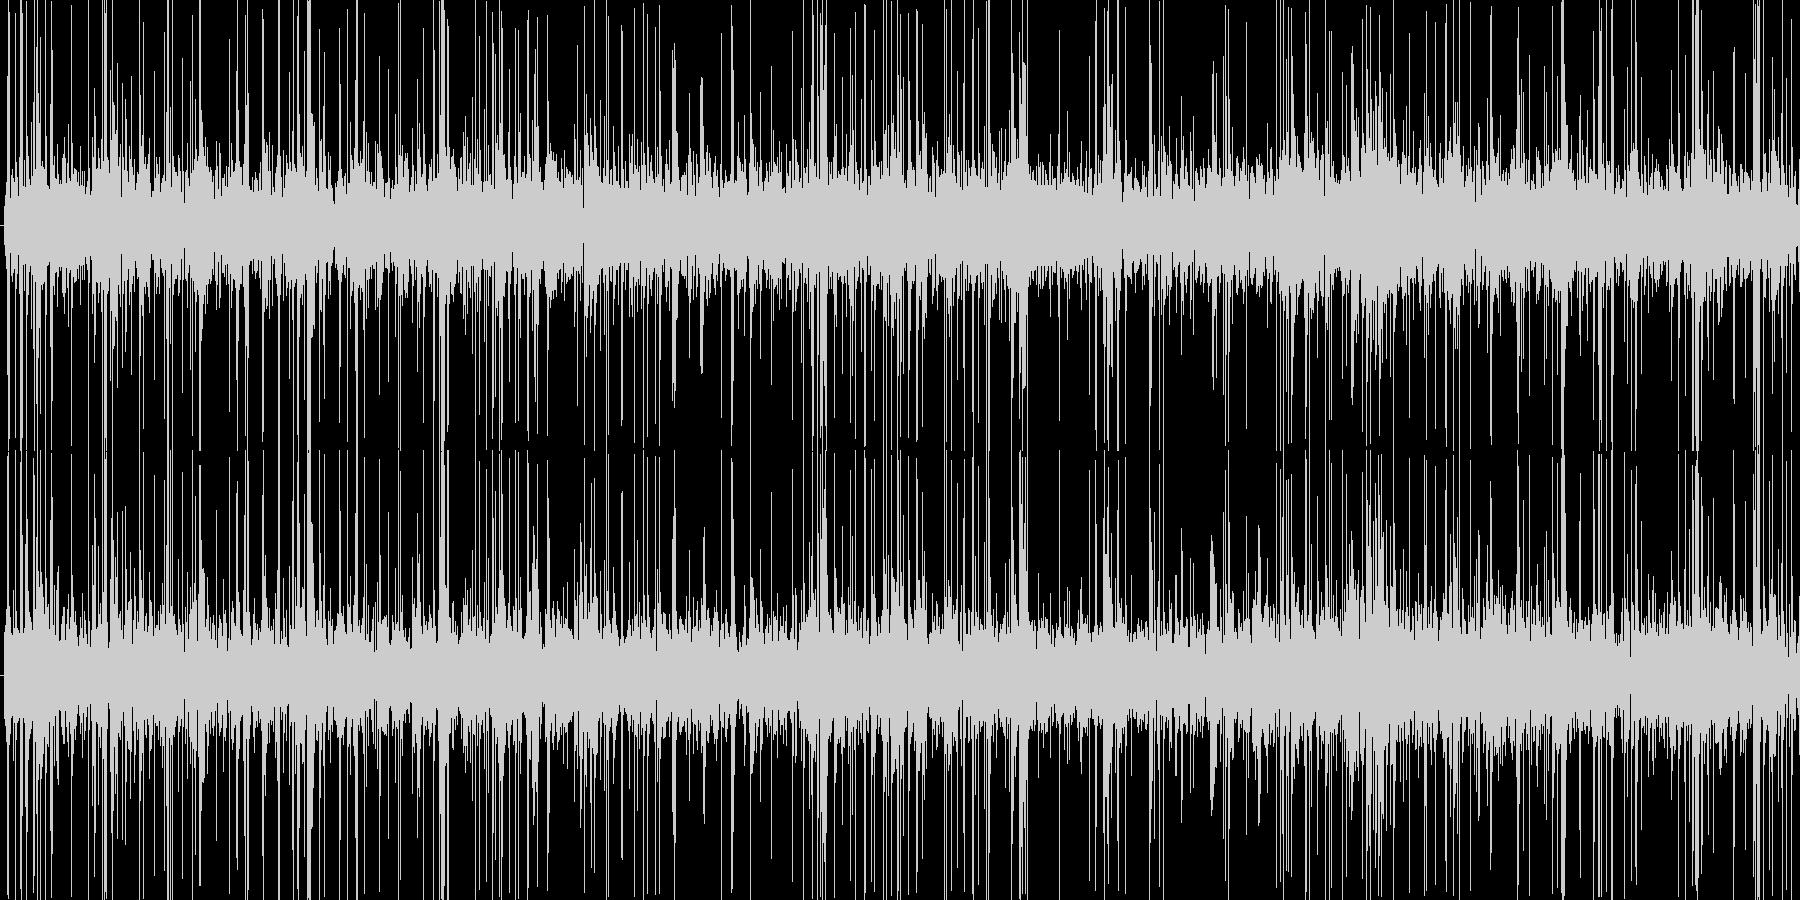 (パチパチ)火が燃える音の未再生の波形